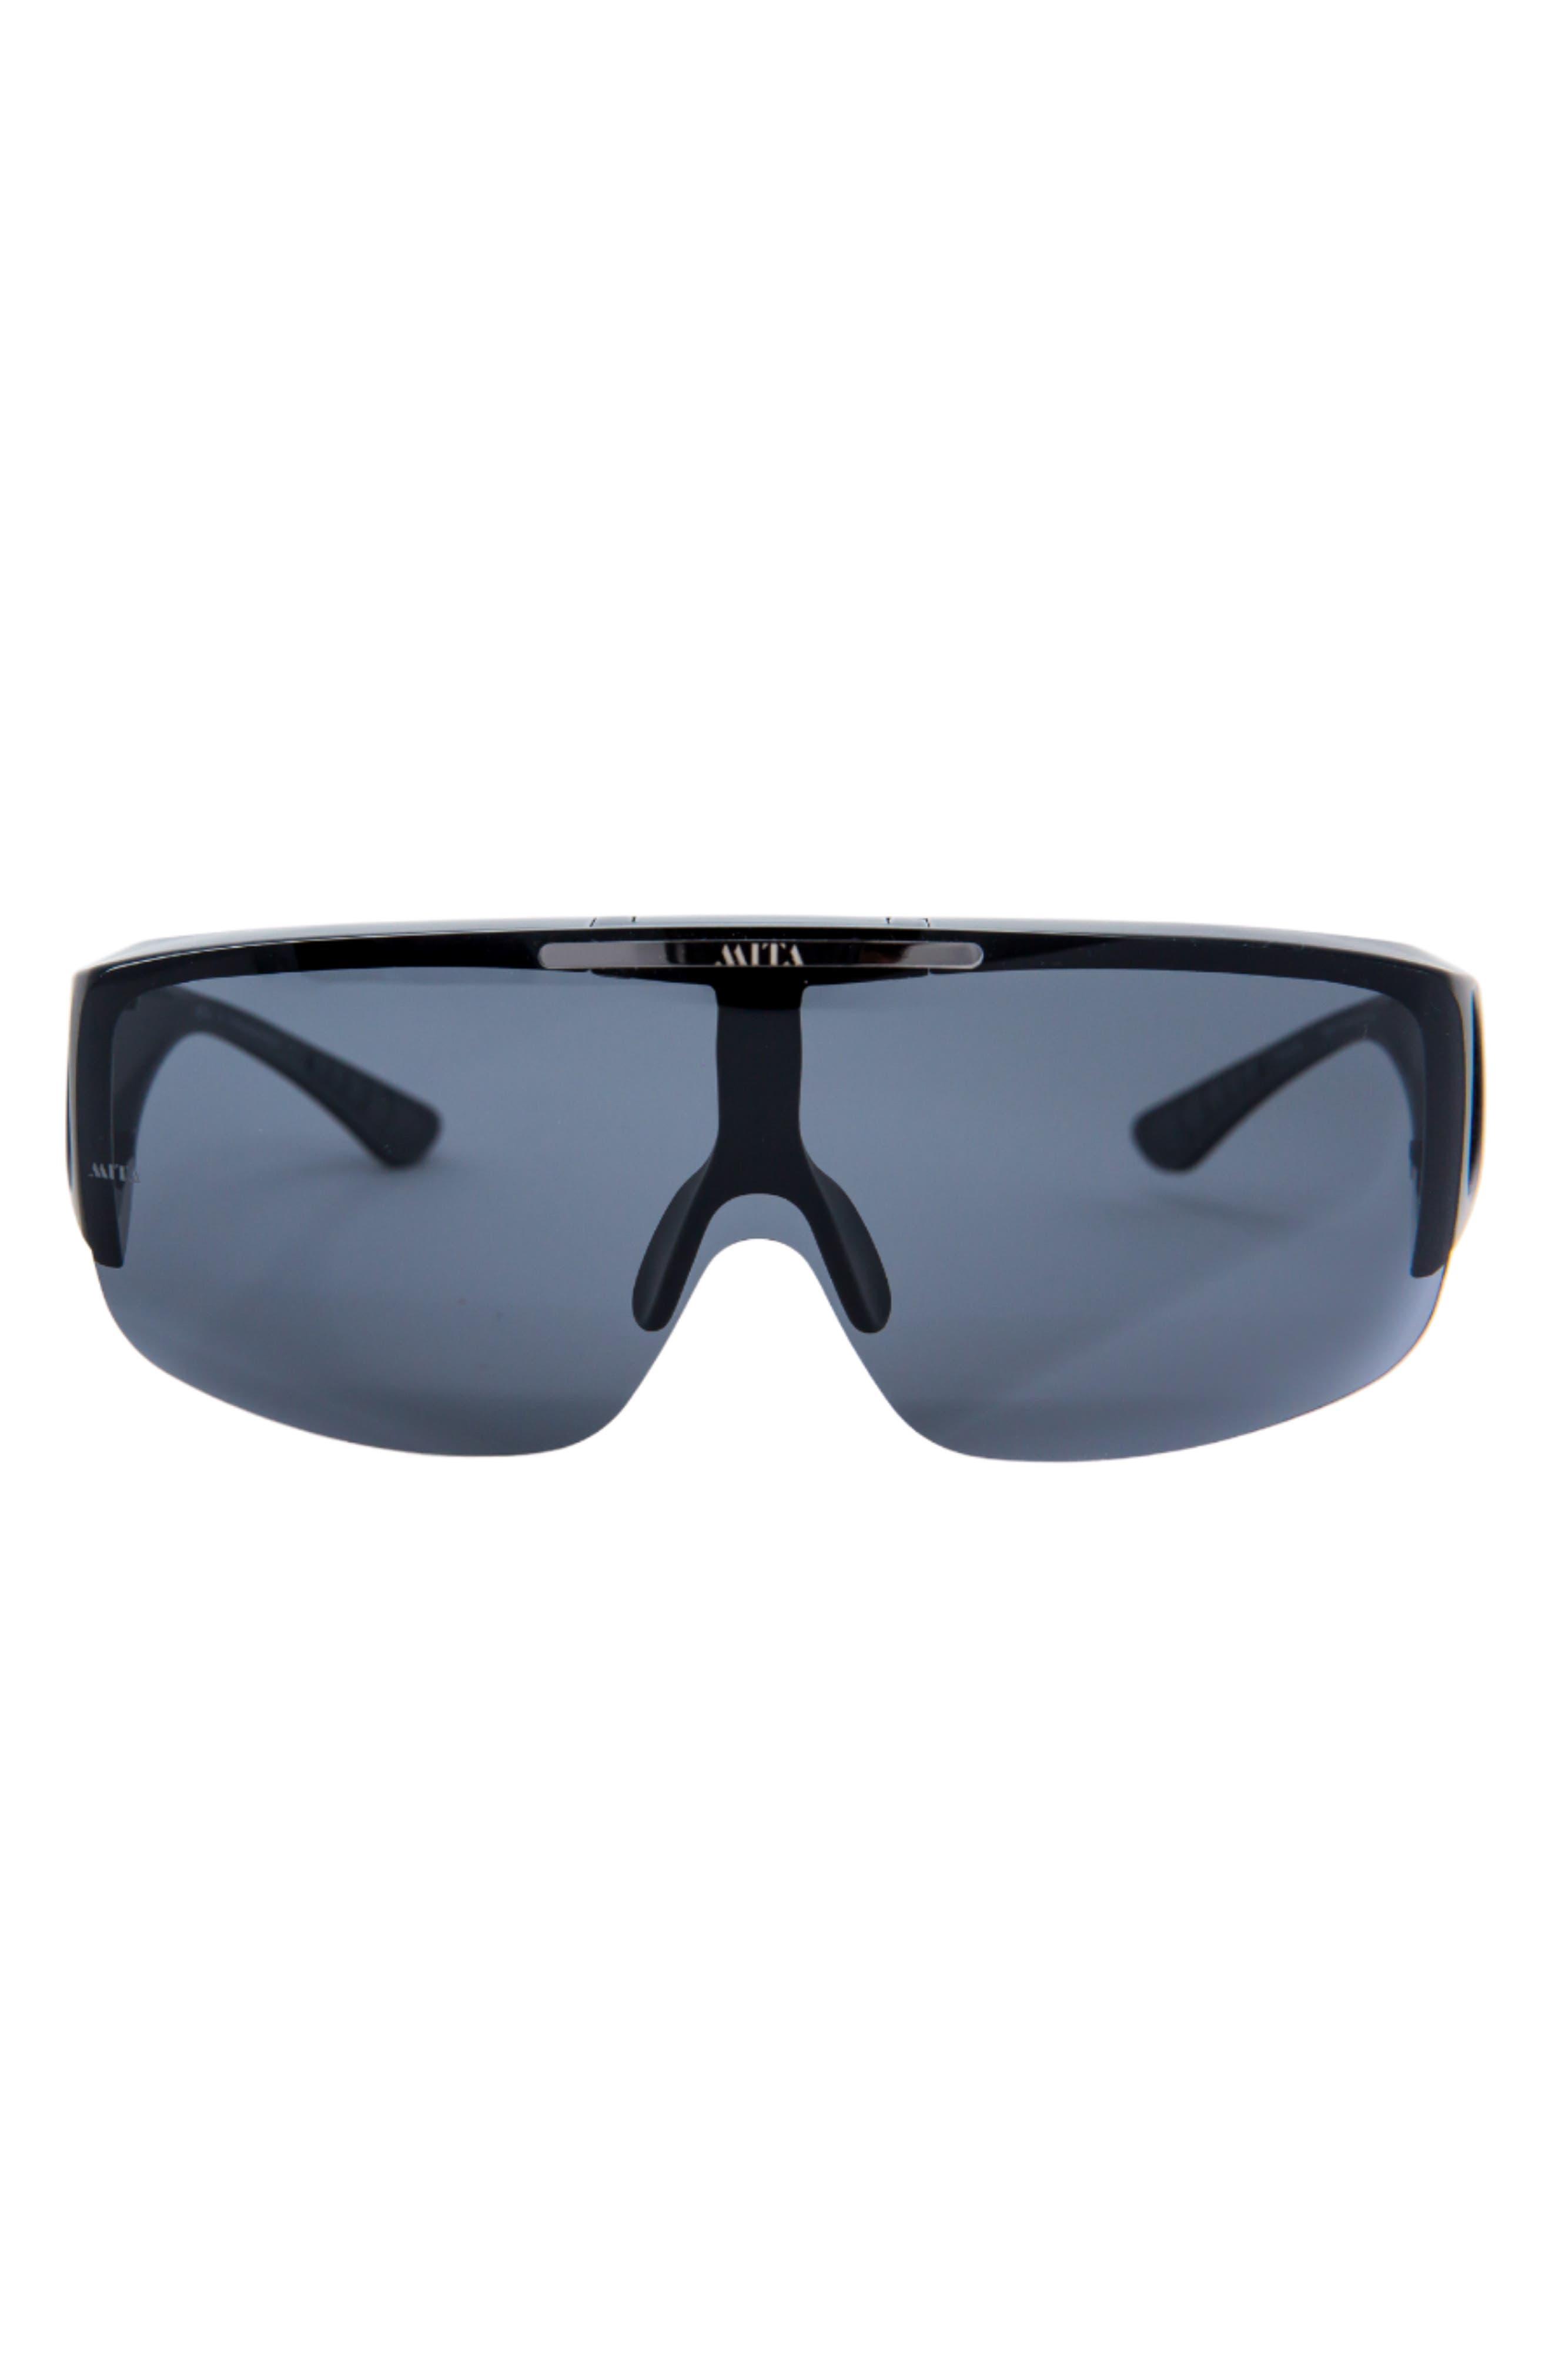 Sobe 136mm Shield Sunglasses